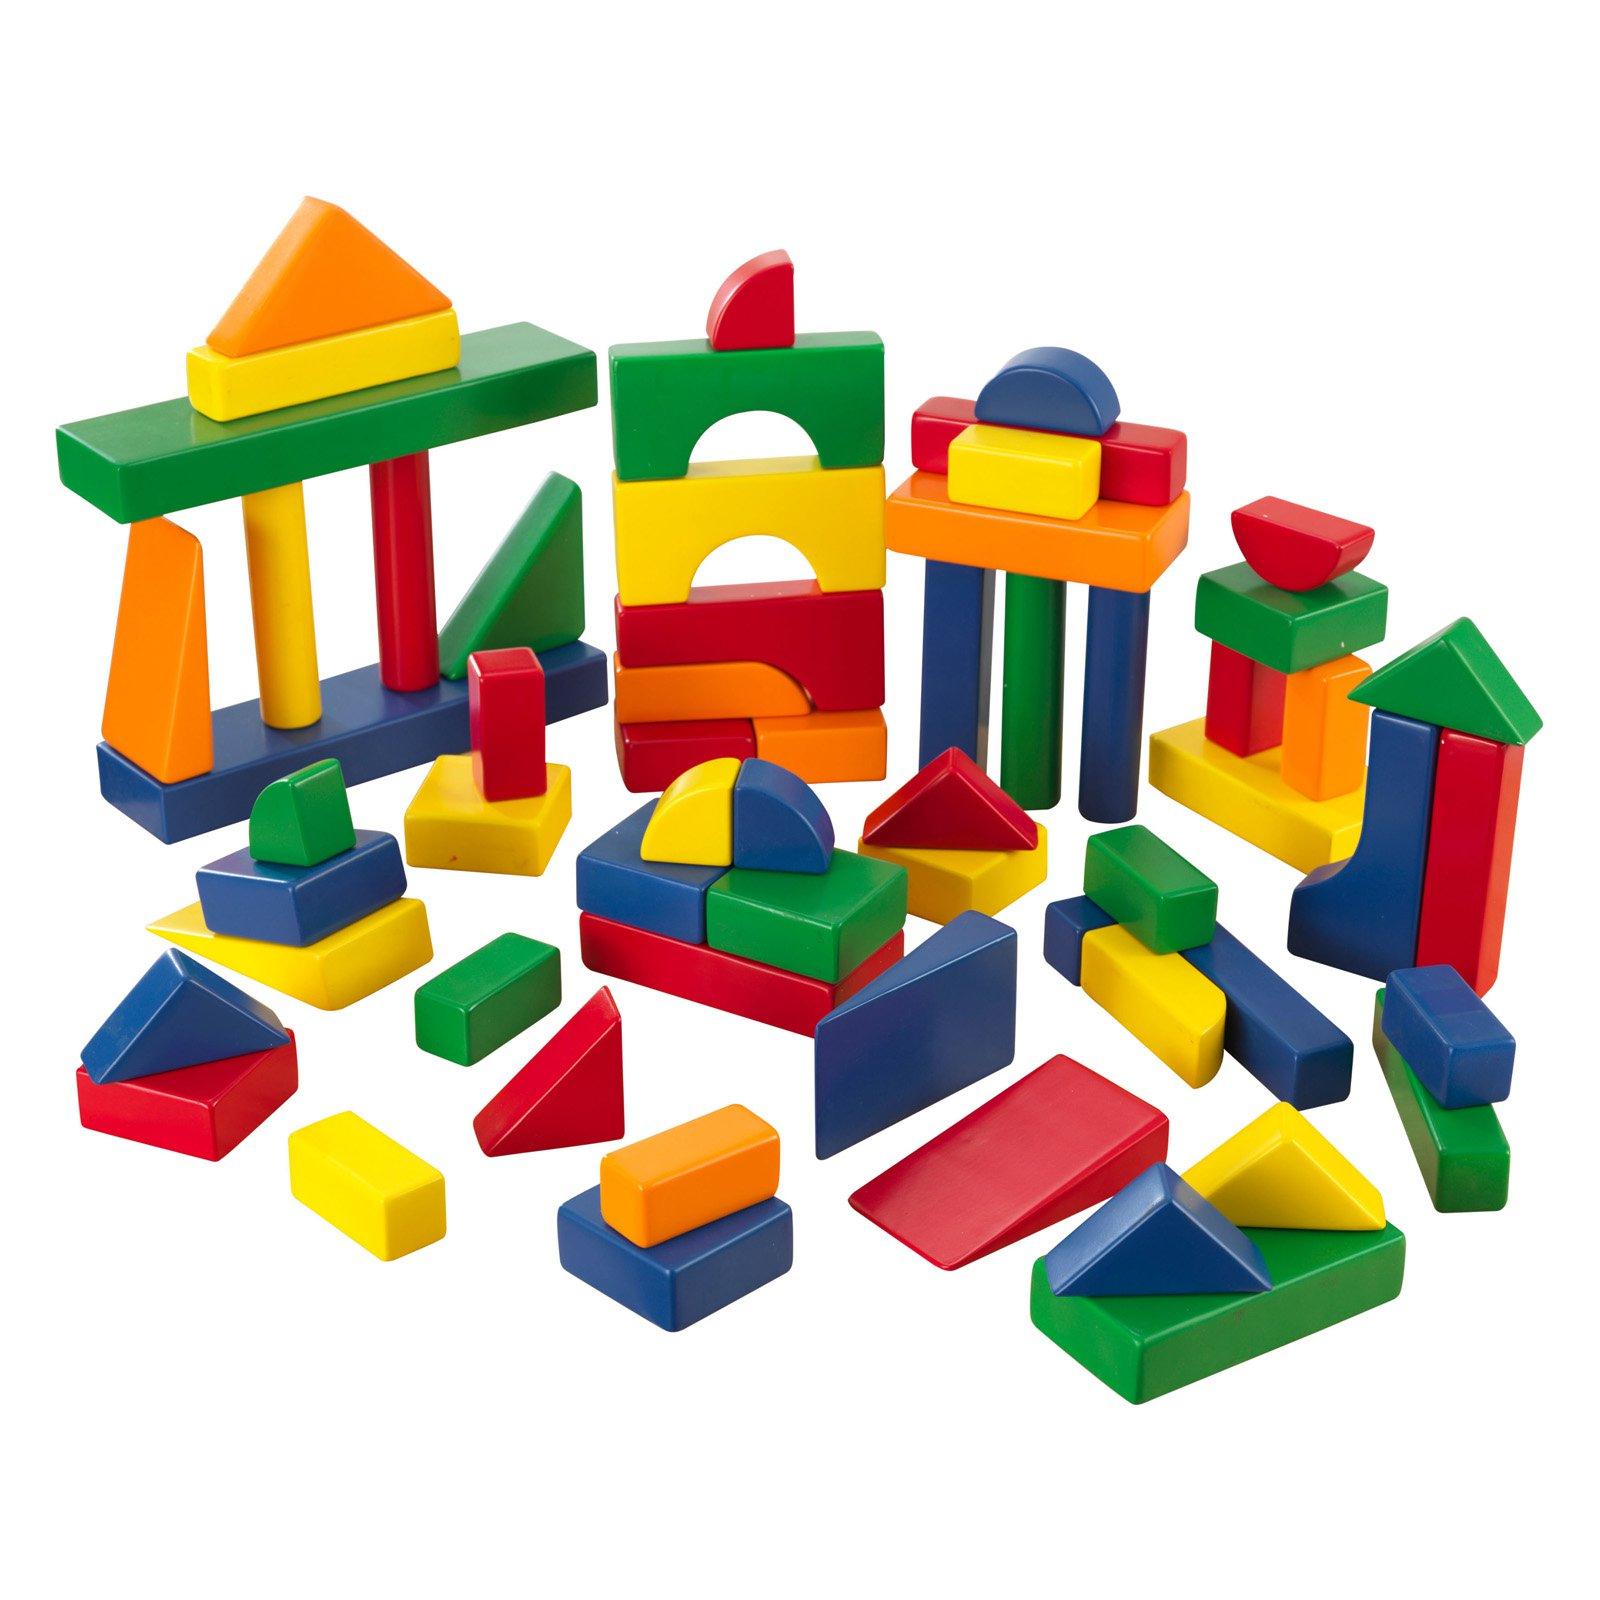 KidKraft 60-Piece Wooden Block Set, Primary Colors by KidKraft